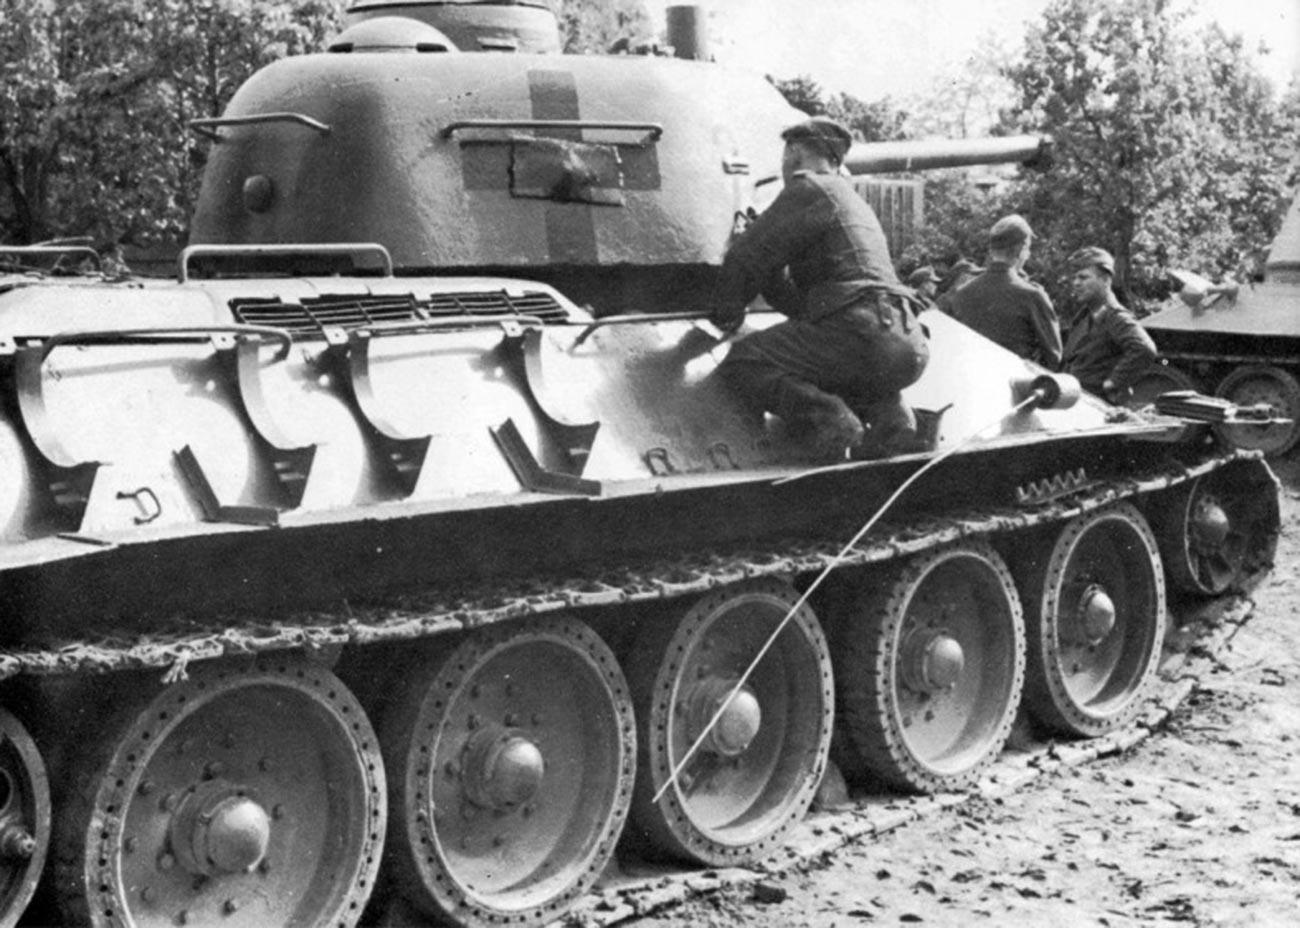 Немачки тенкиста уцртава немачке знаке распознавања на куполу заплењеног совјетског тенка Т-34-76.